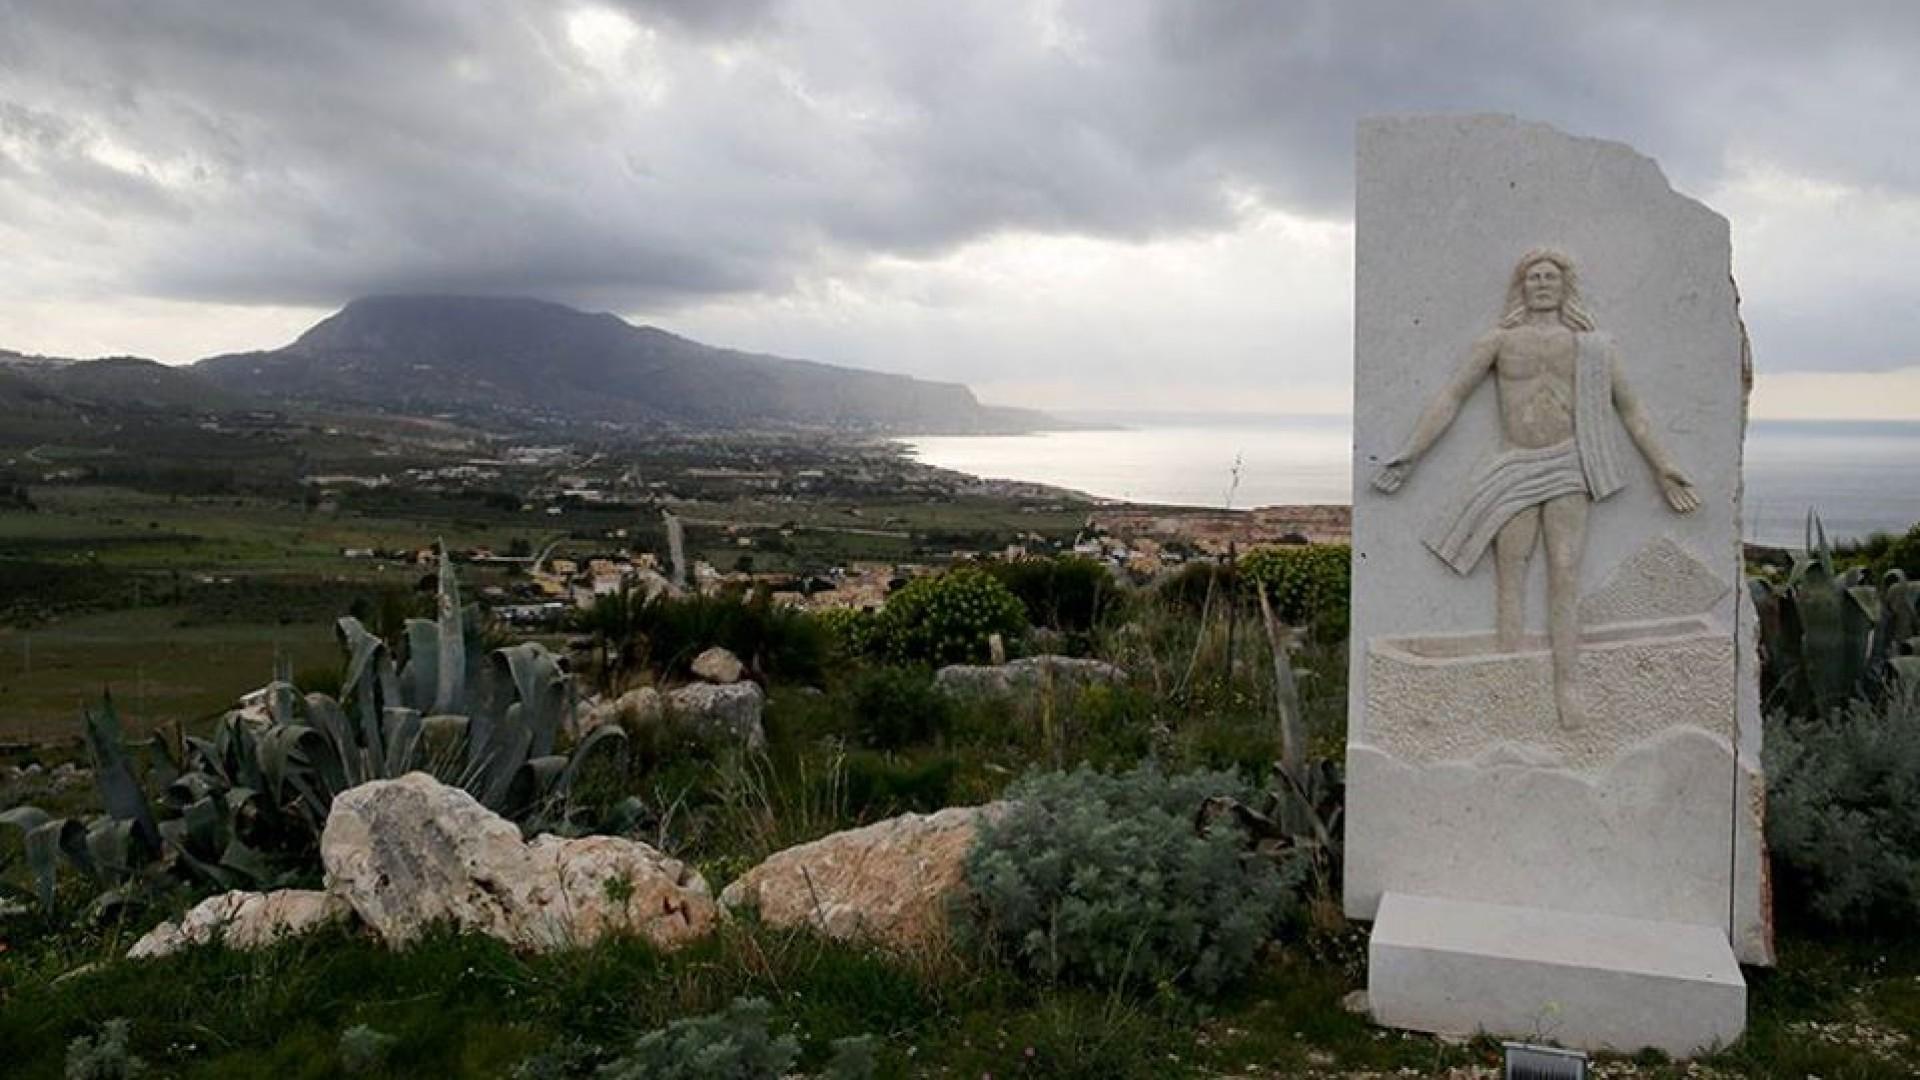 Visita Custonaci, la capitale del marmo siciliano